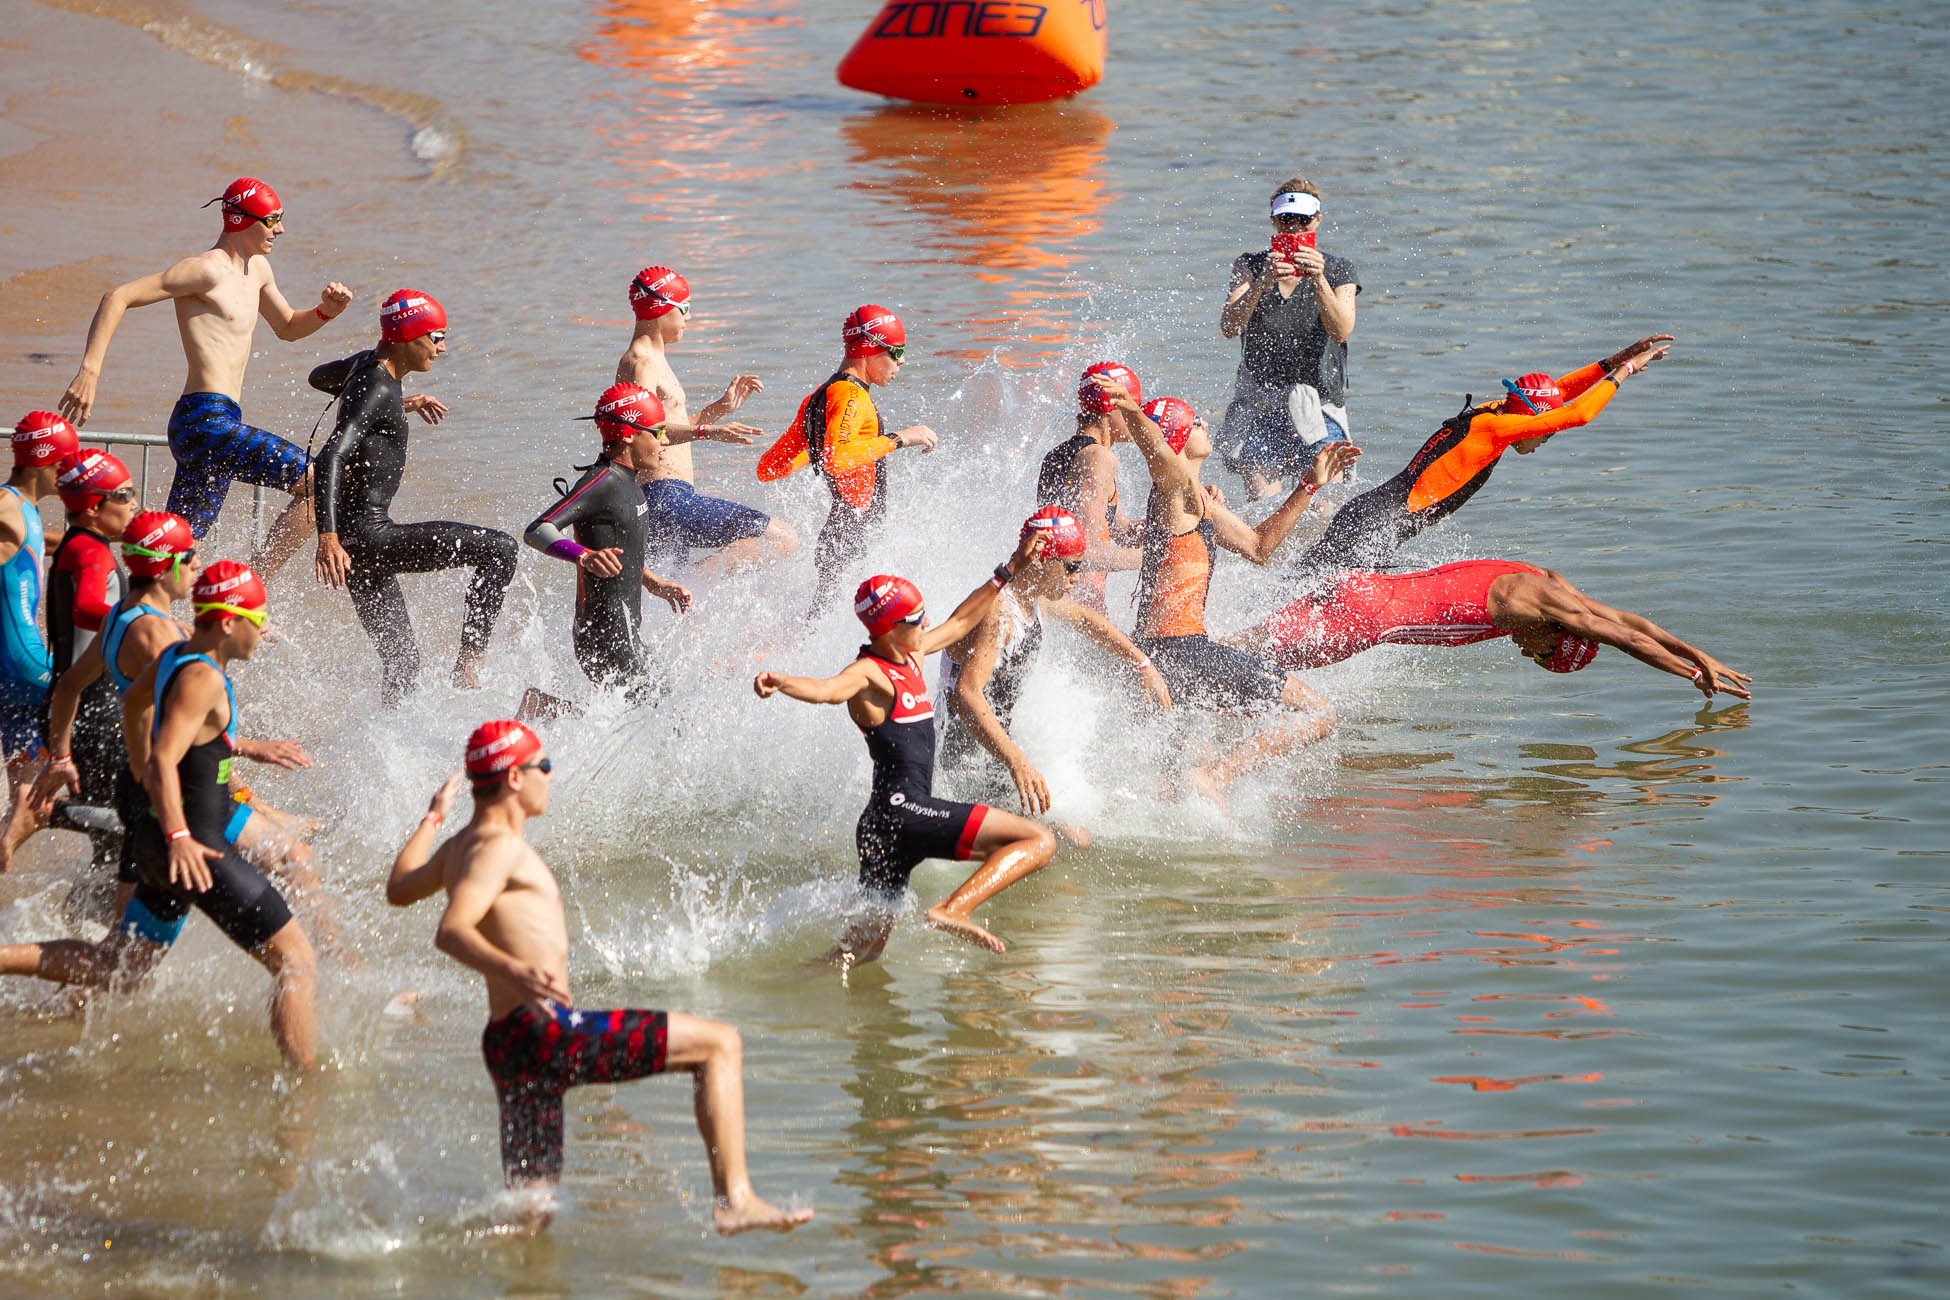 ironman-triatlo-fitness-lifestyle-desporto-atleta-fotografia-007.jpg